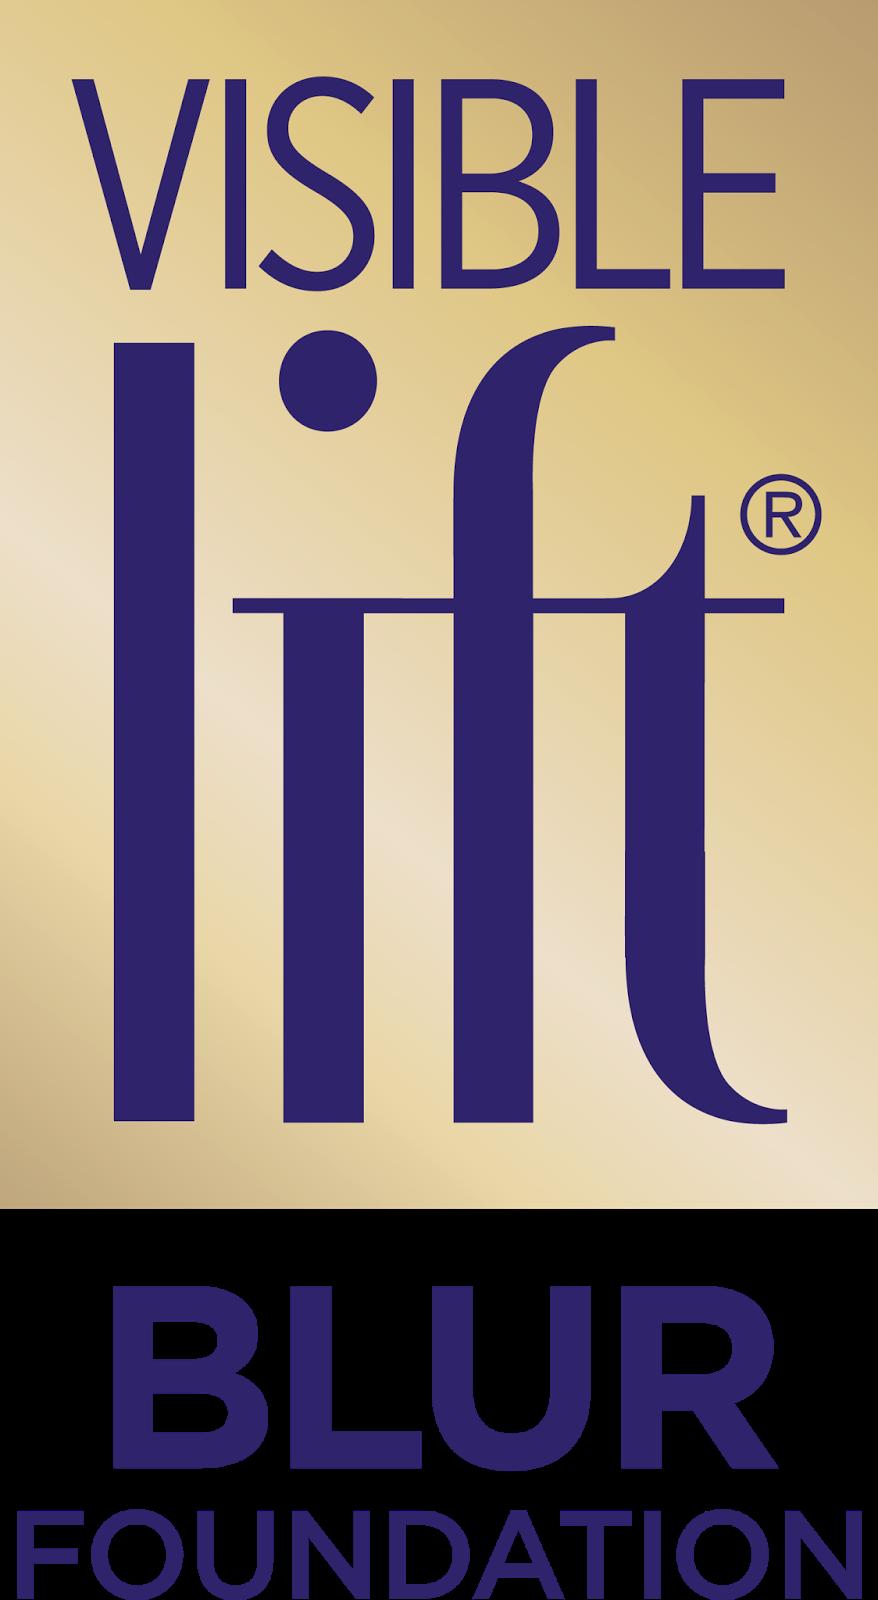 L'Oréal Paris Visible Lift Blur Foundation Logo